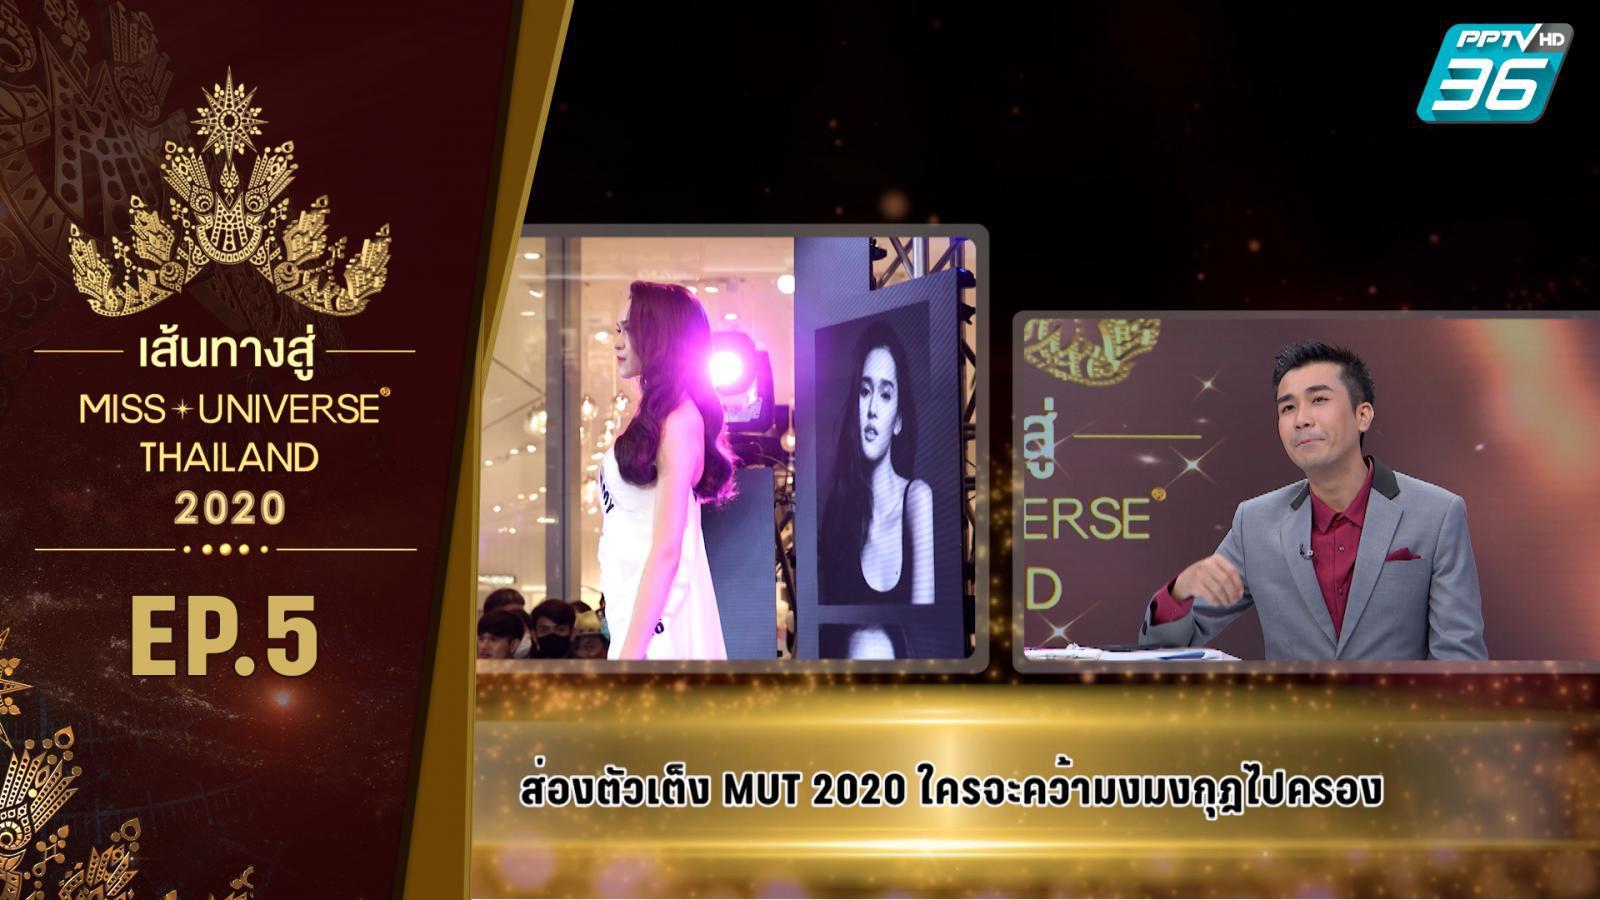 เส้นทางสู่ MISS UNIVERSE THAILAND 2020 EP.5